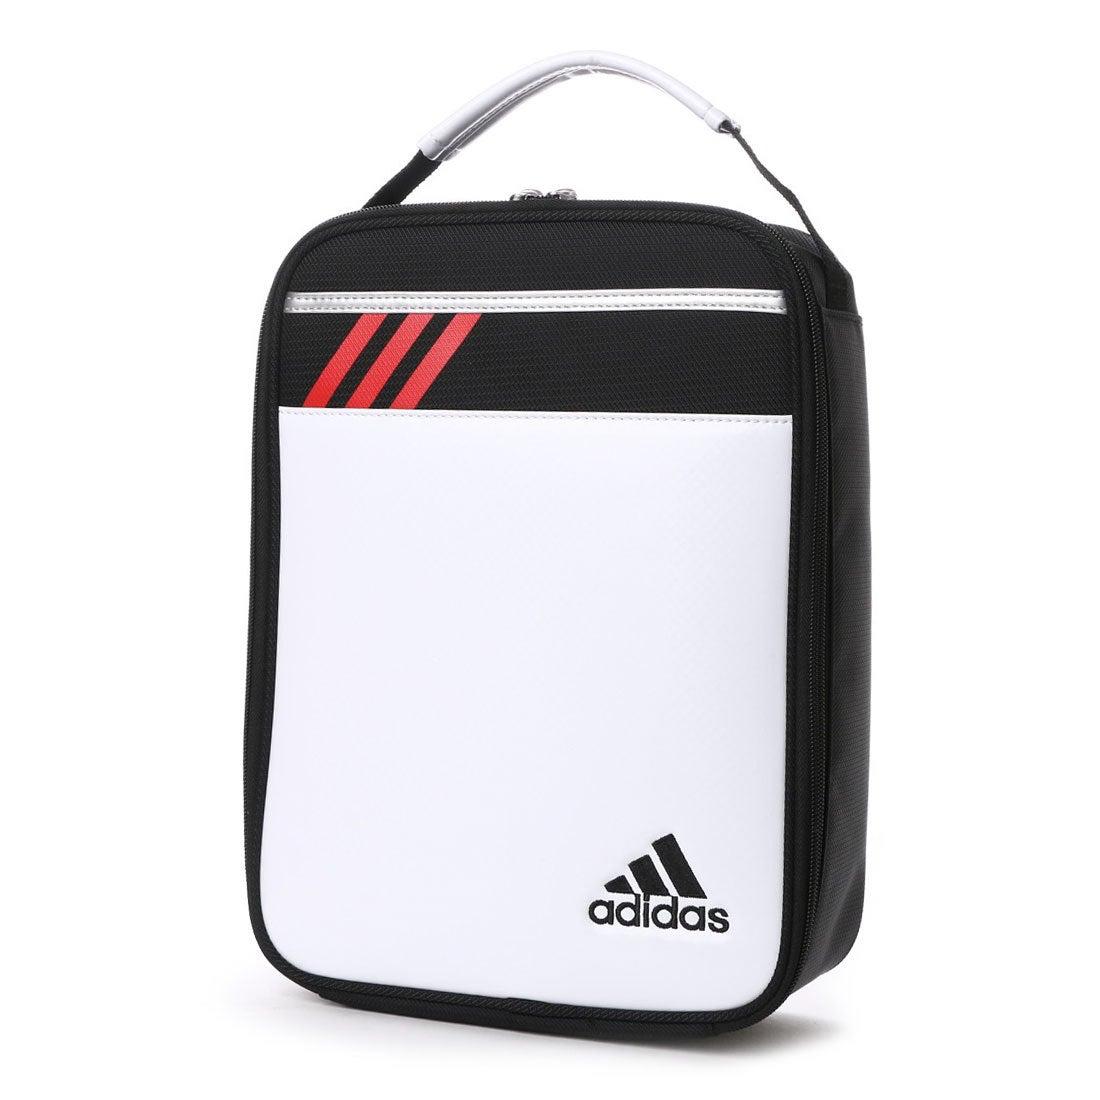 【SALE 28%OFF】アディダス adidas メンズ ゴルフ シューズケース 2 AWR88 (ホワイト)